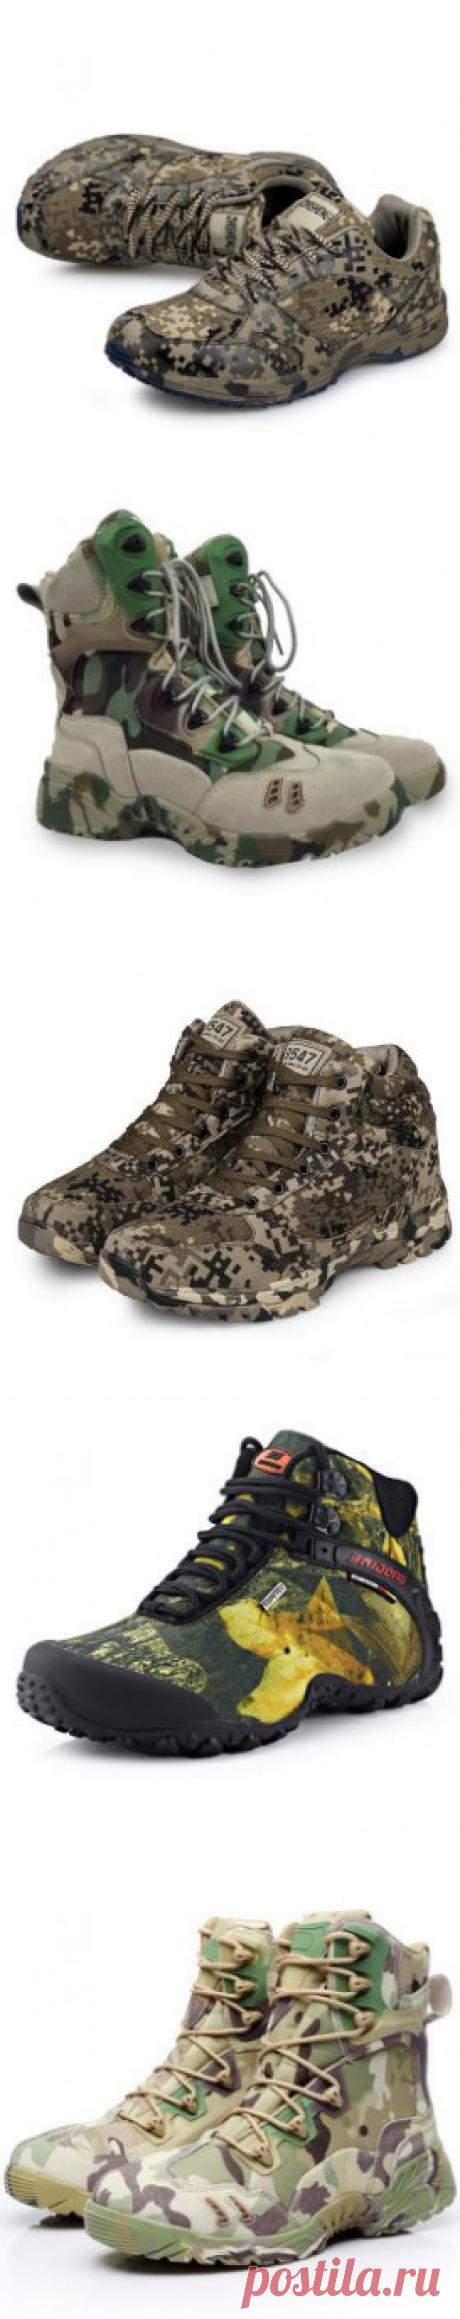 Подборка мужской обуви в стиле милитари с Алиэкспресс | shopperali.ru